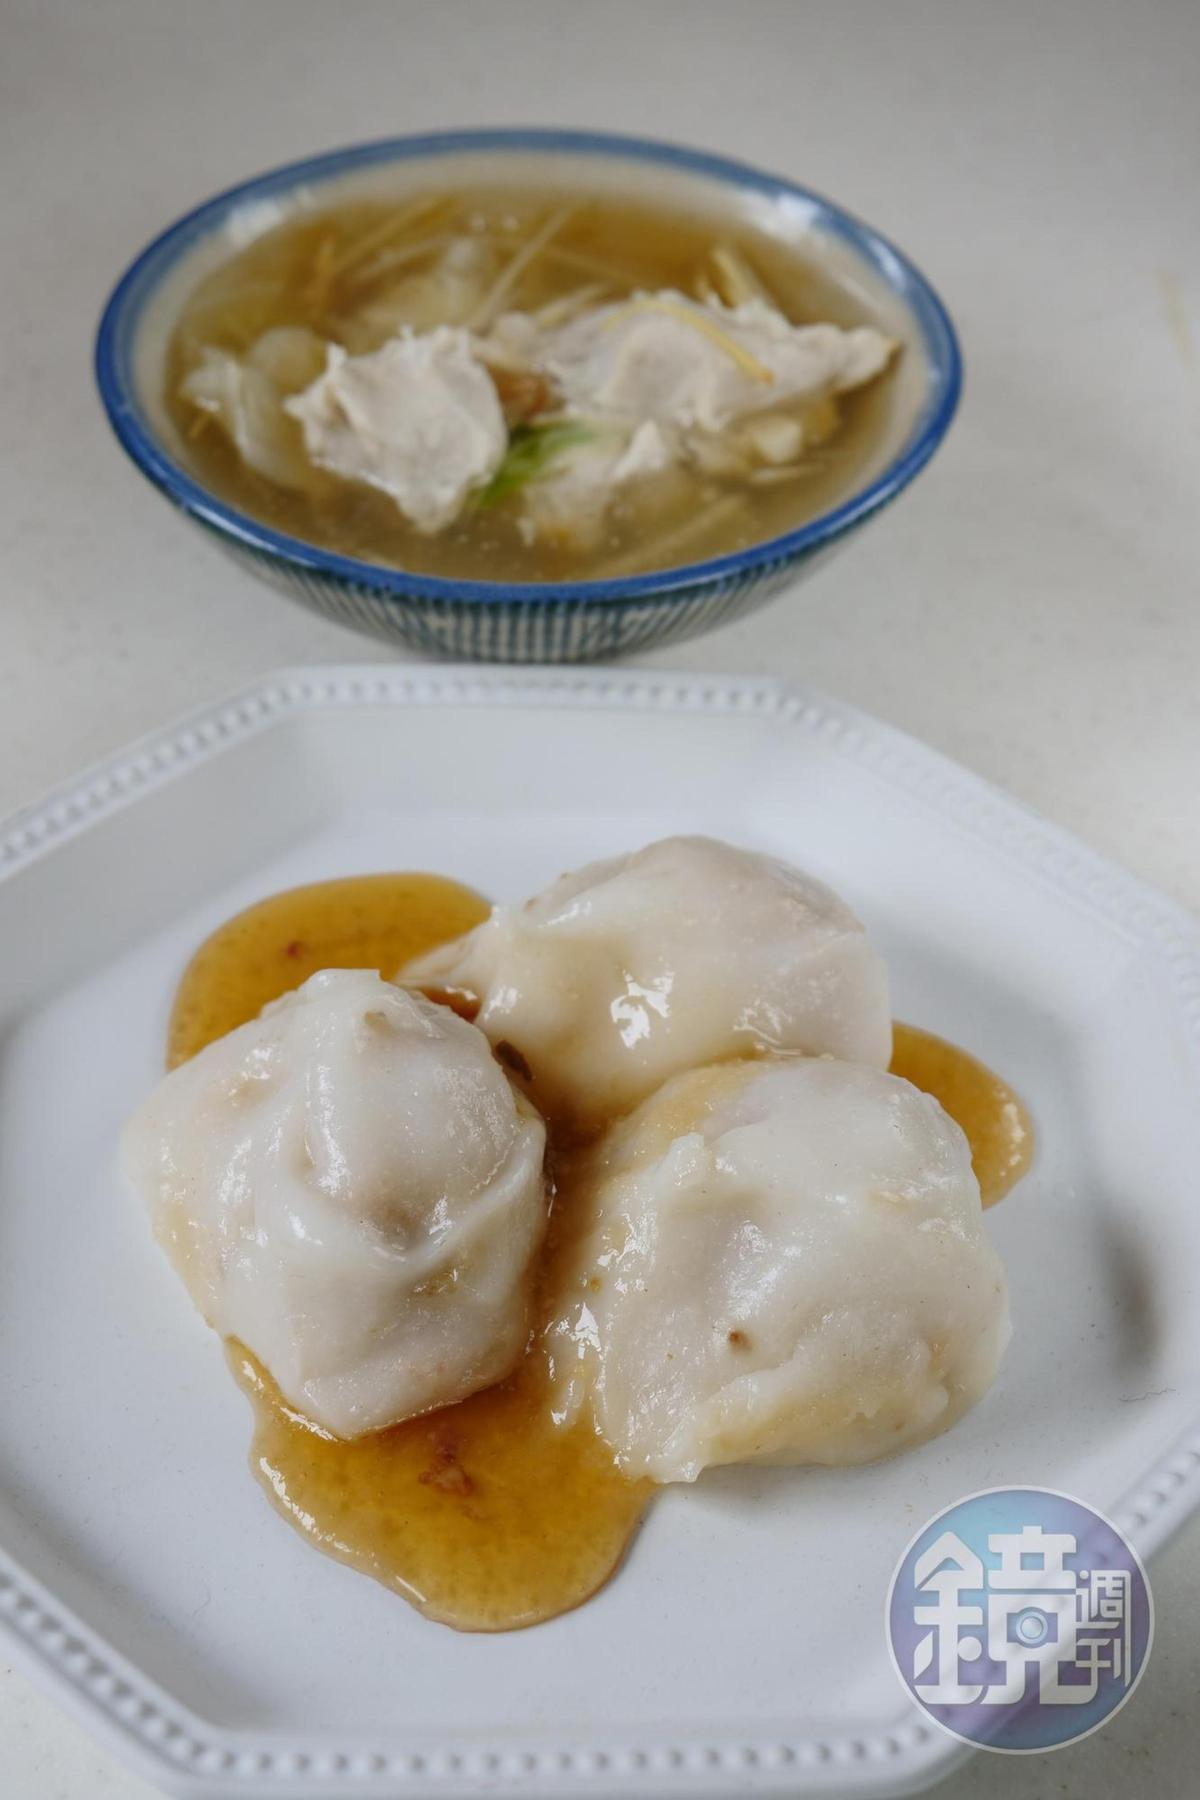 珠圓玉潤的肉圓和酸甜有致的浮水魚羹十分合味。(皆為35元/份)